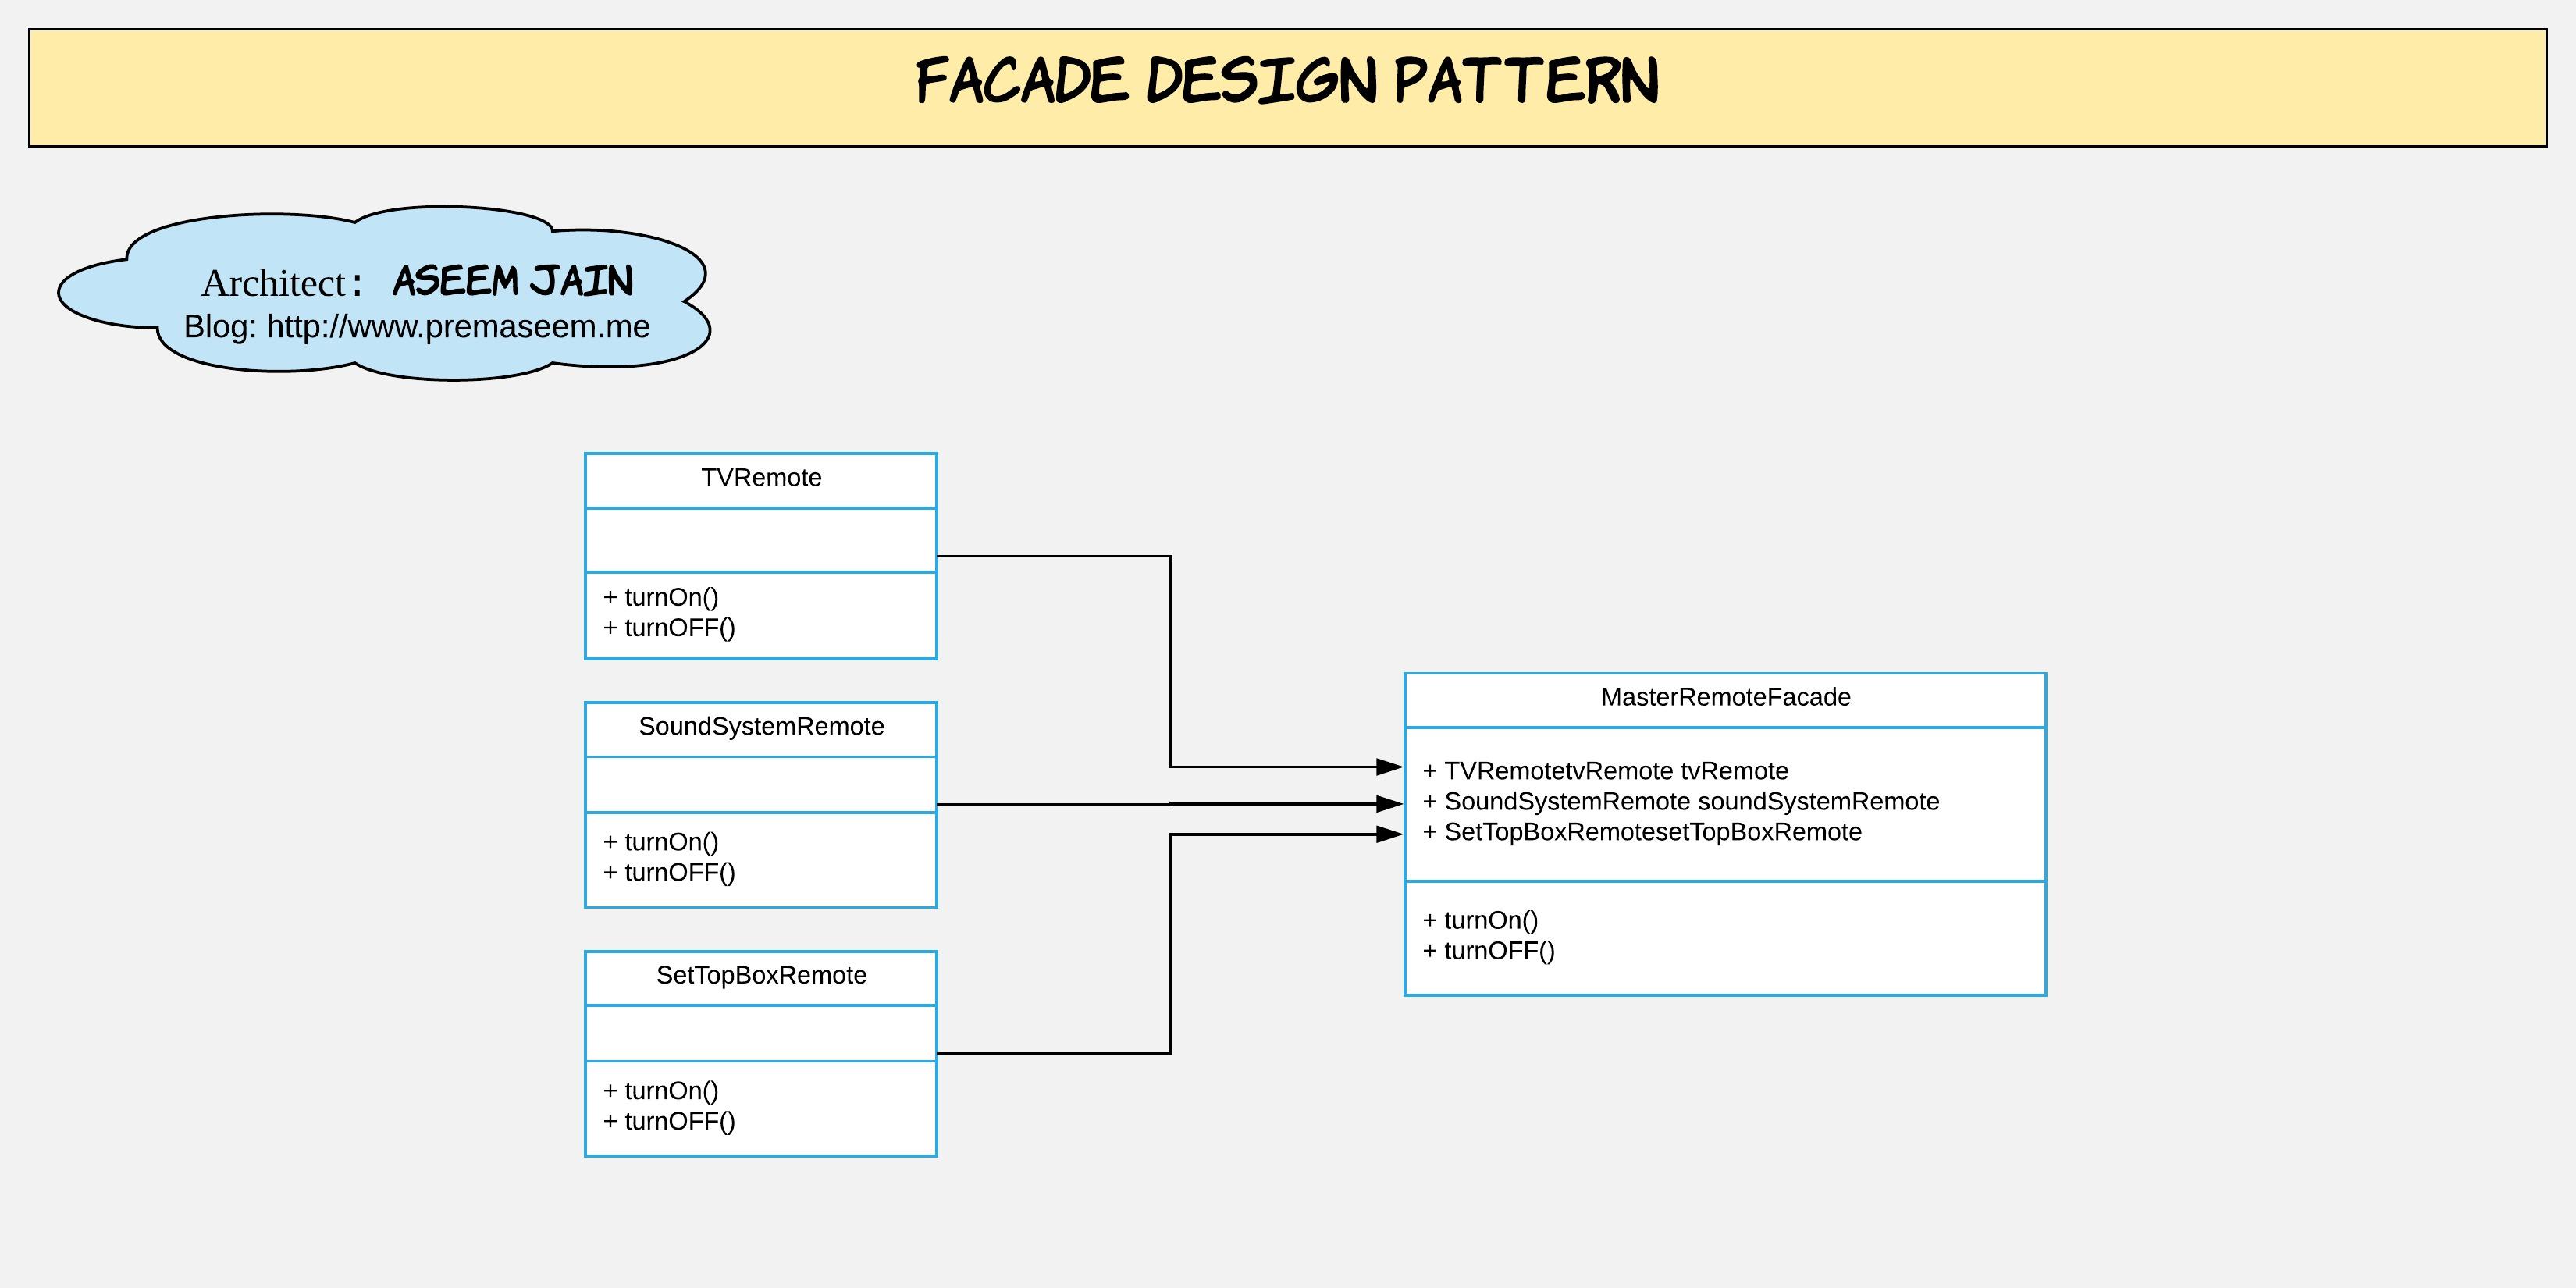 4_3 Facade class diagram